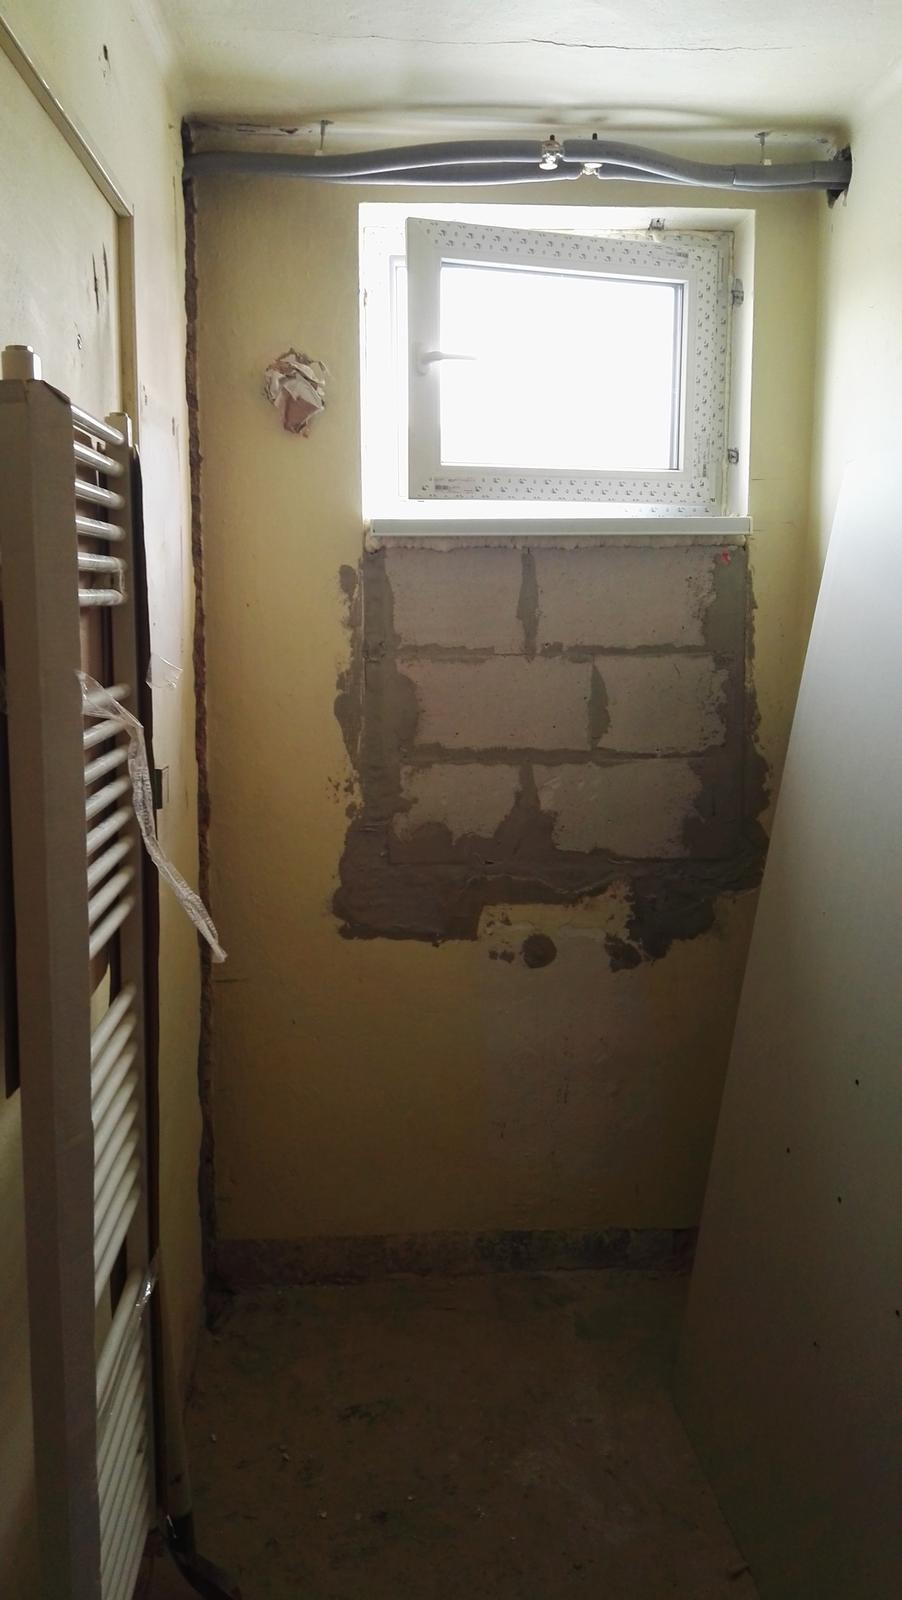 Projekt: Nové bývanie ... - ... okno zmenšené, pod ním bude na celú šírku kúpelne sprcha...